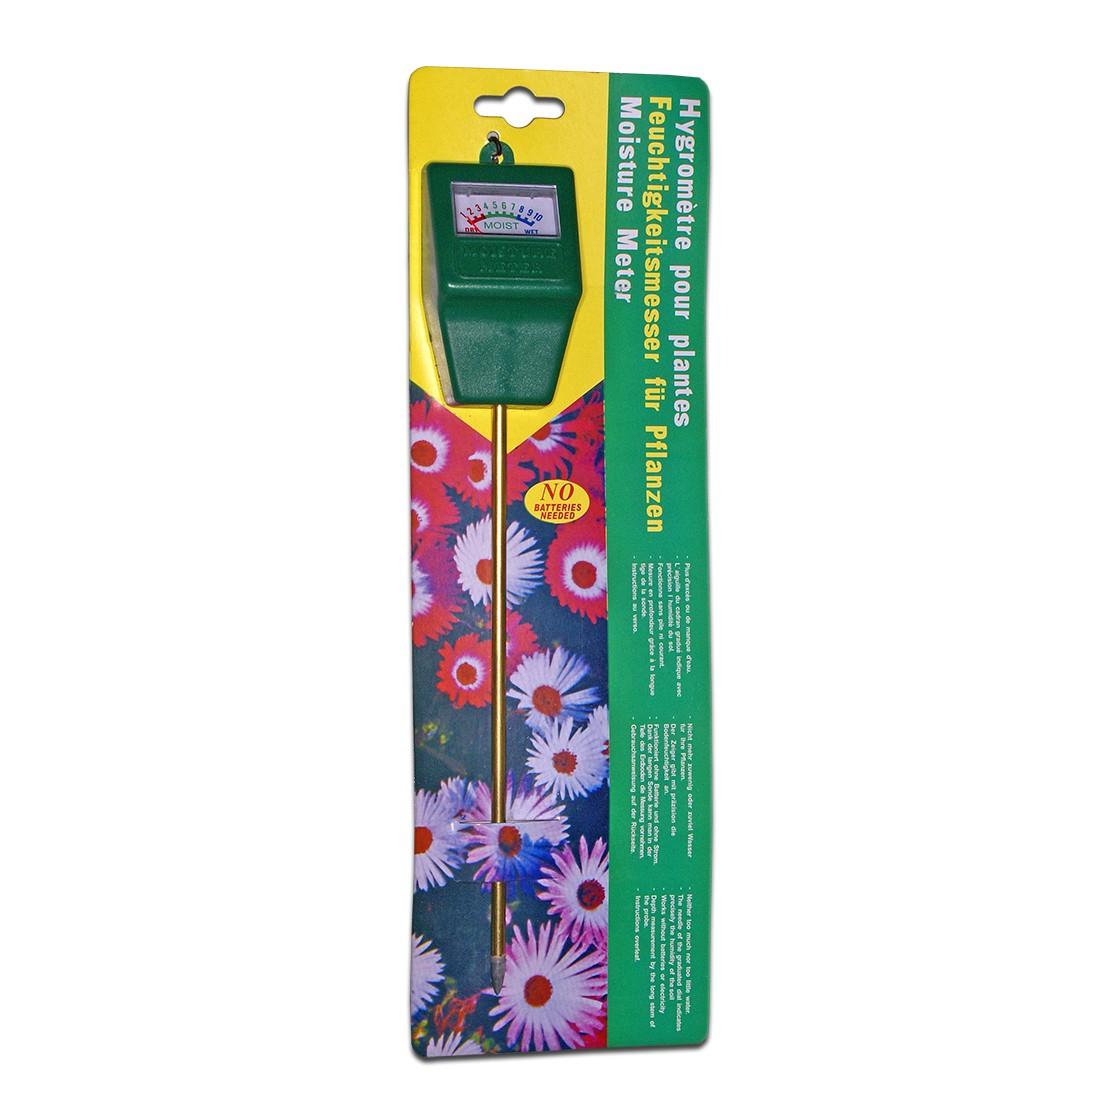 Feuchte Tester Feuchtigkeitsmesser Pflanzenfeuchtemessgerät